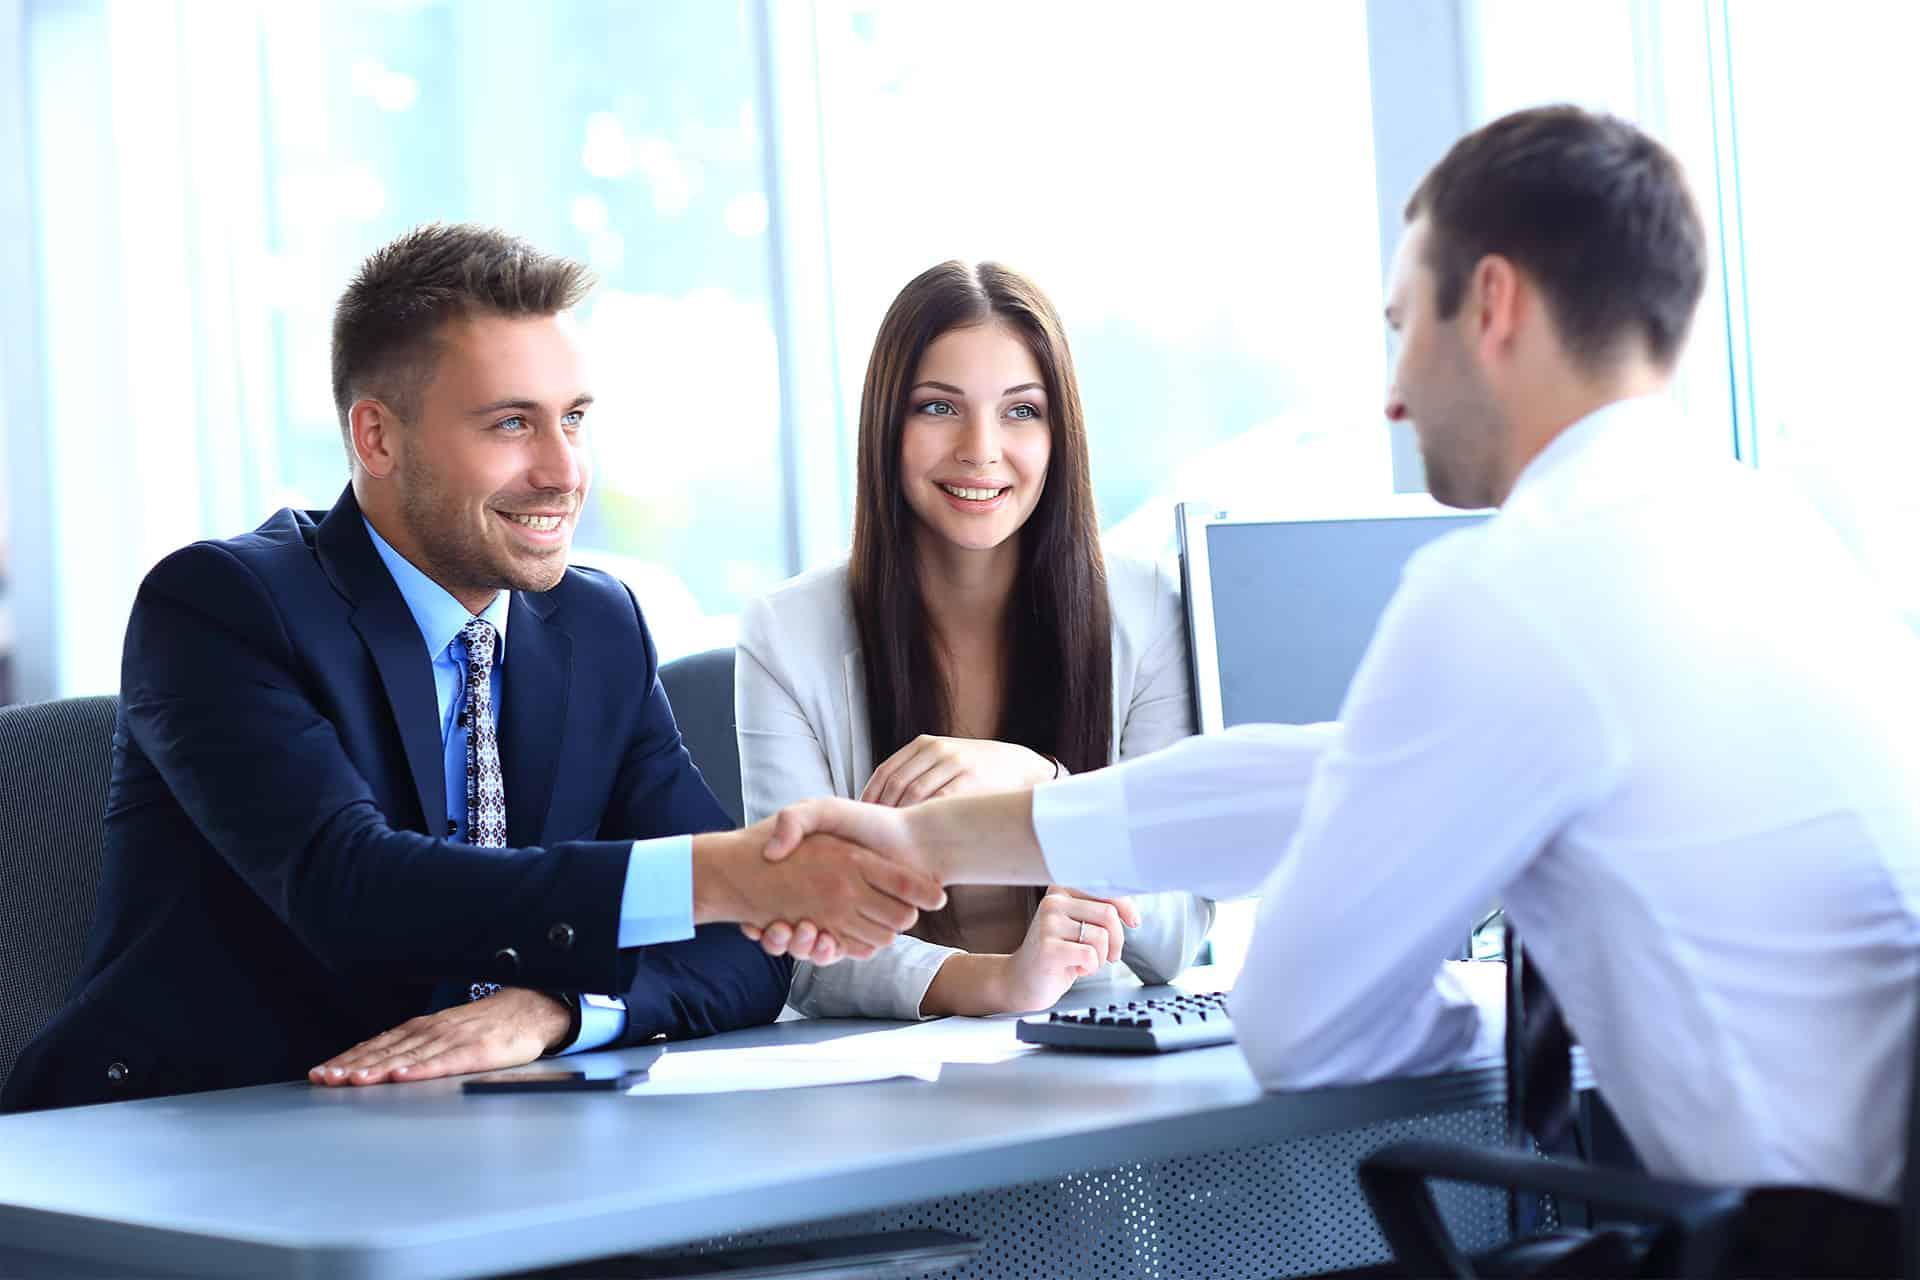 asesoramiento-financiero-hipotecario-futurocasa-inmobiliaria-arganzuela-madrid